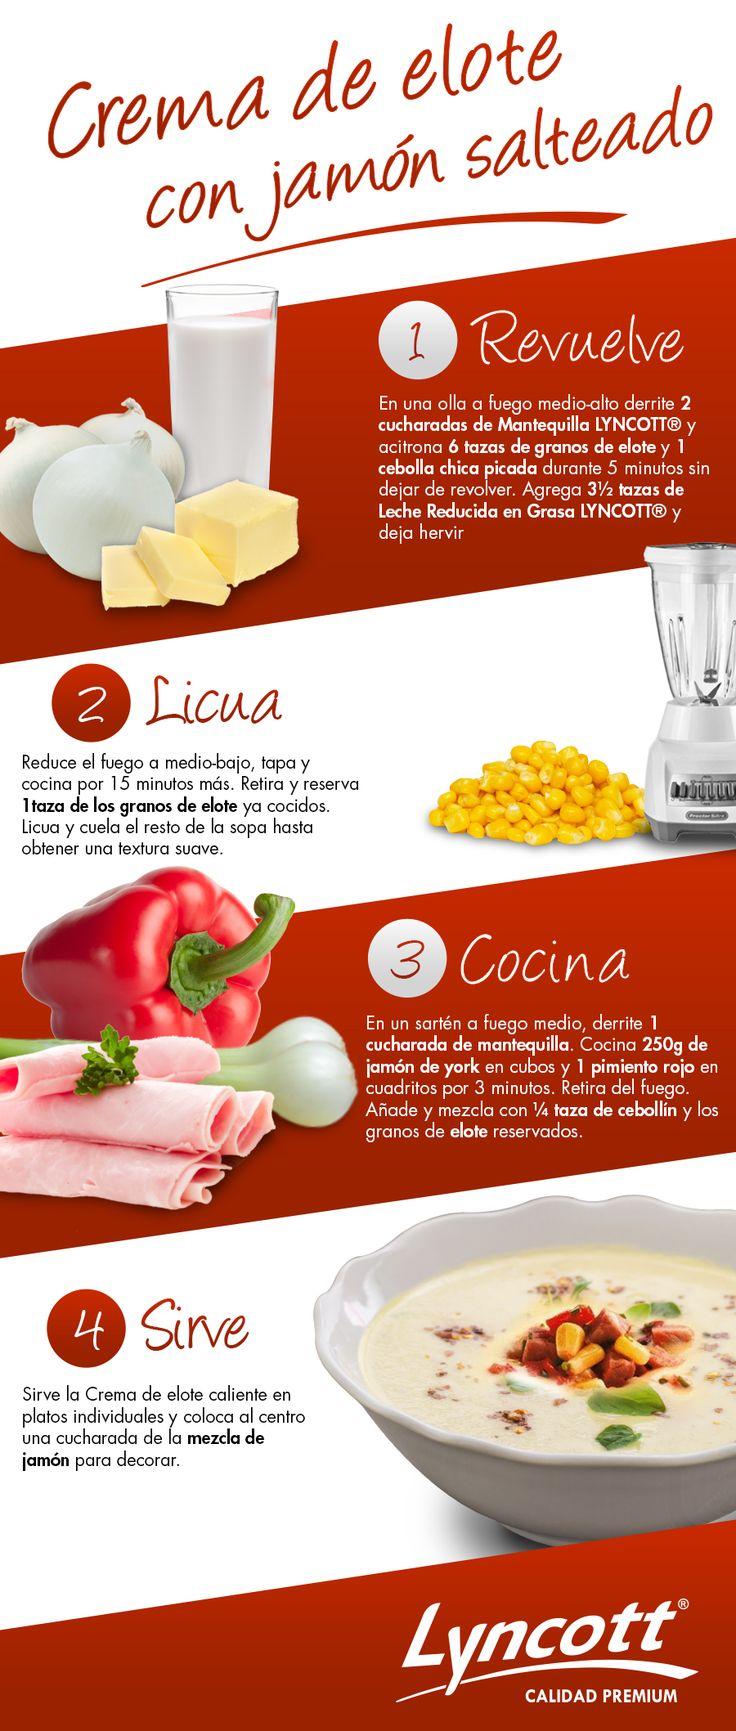 Crema de elote con jamón salteado #RecetaFácil #Lyncott #Saludable…